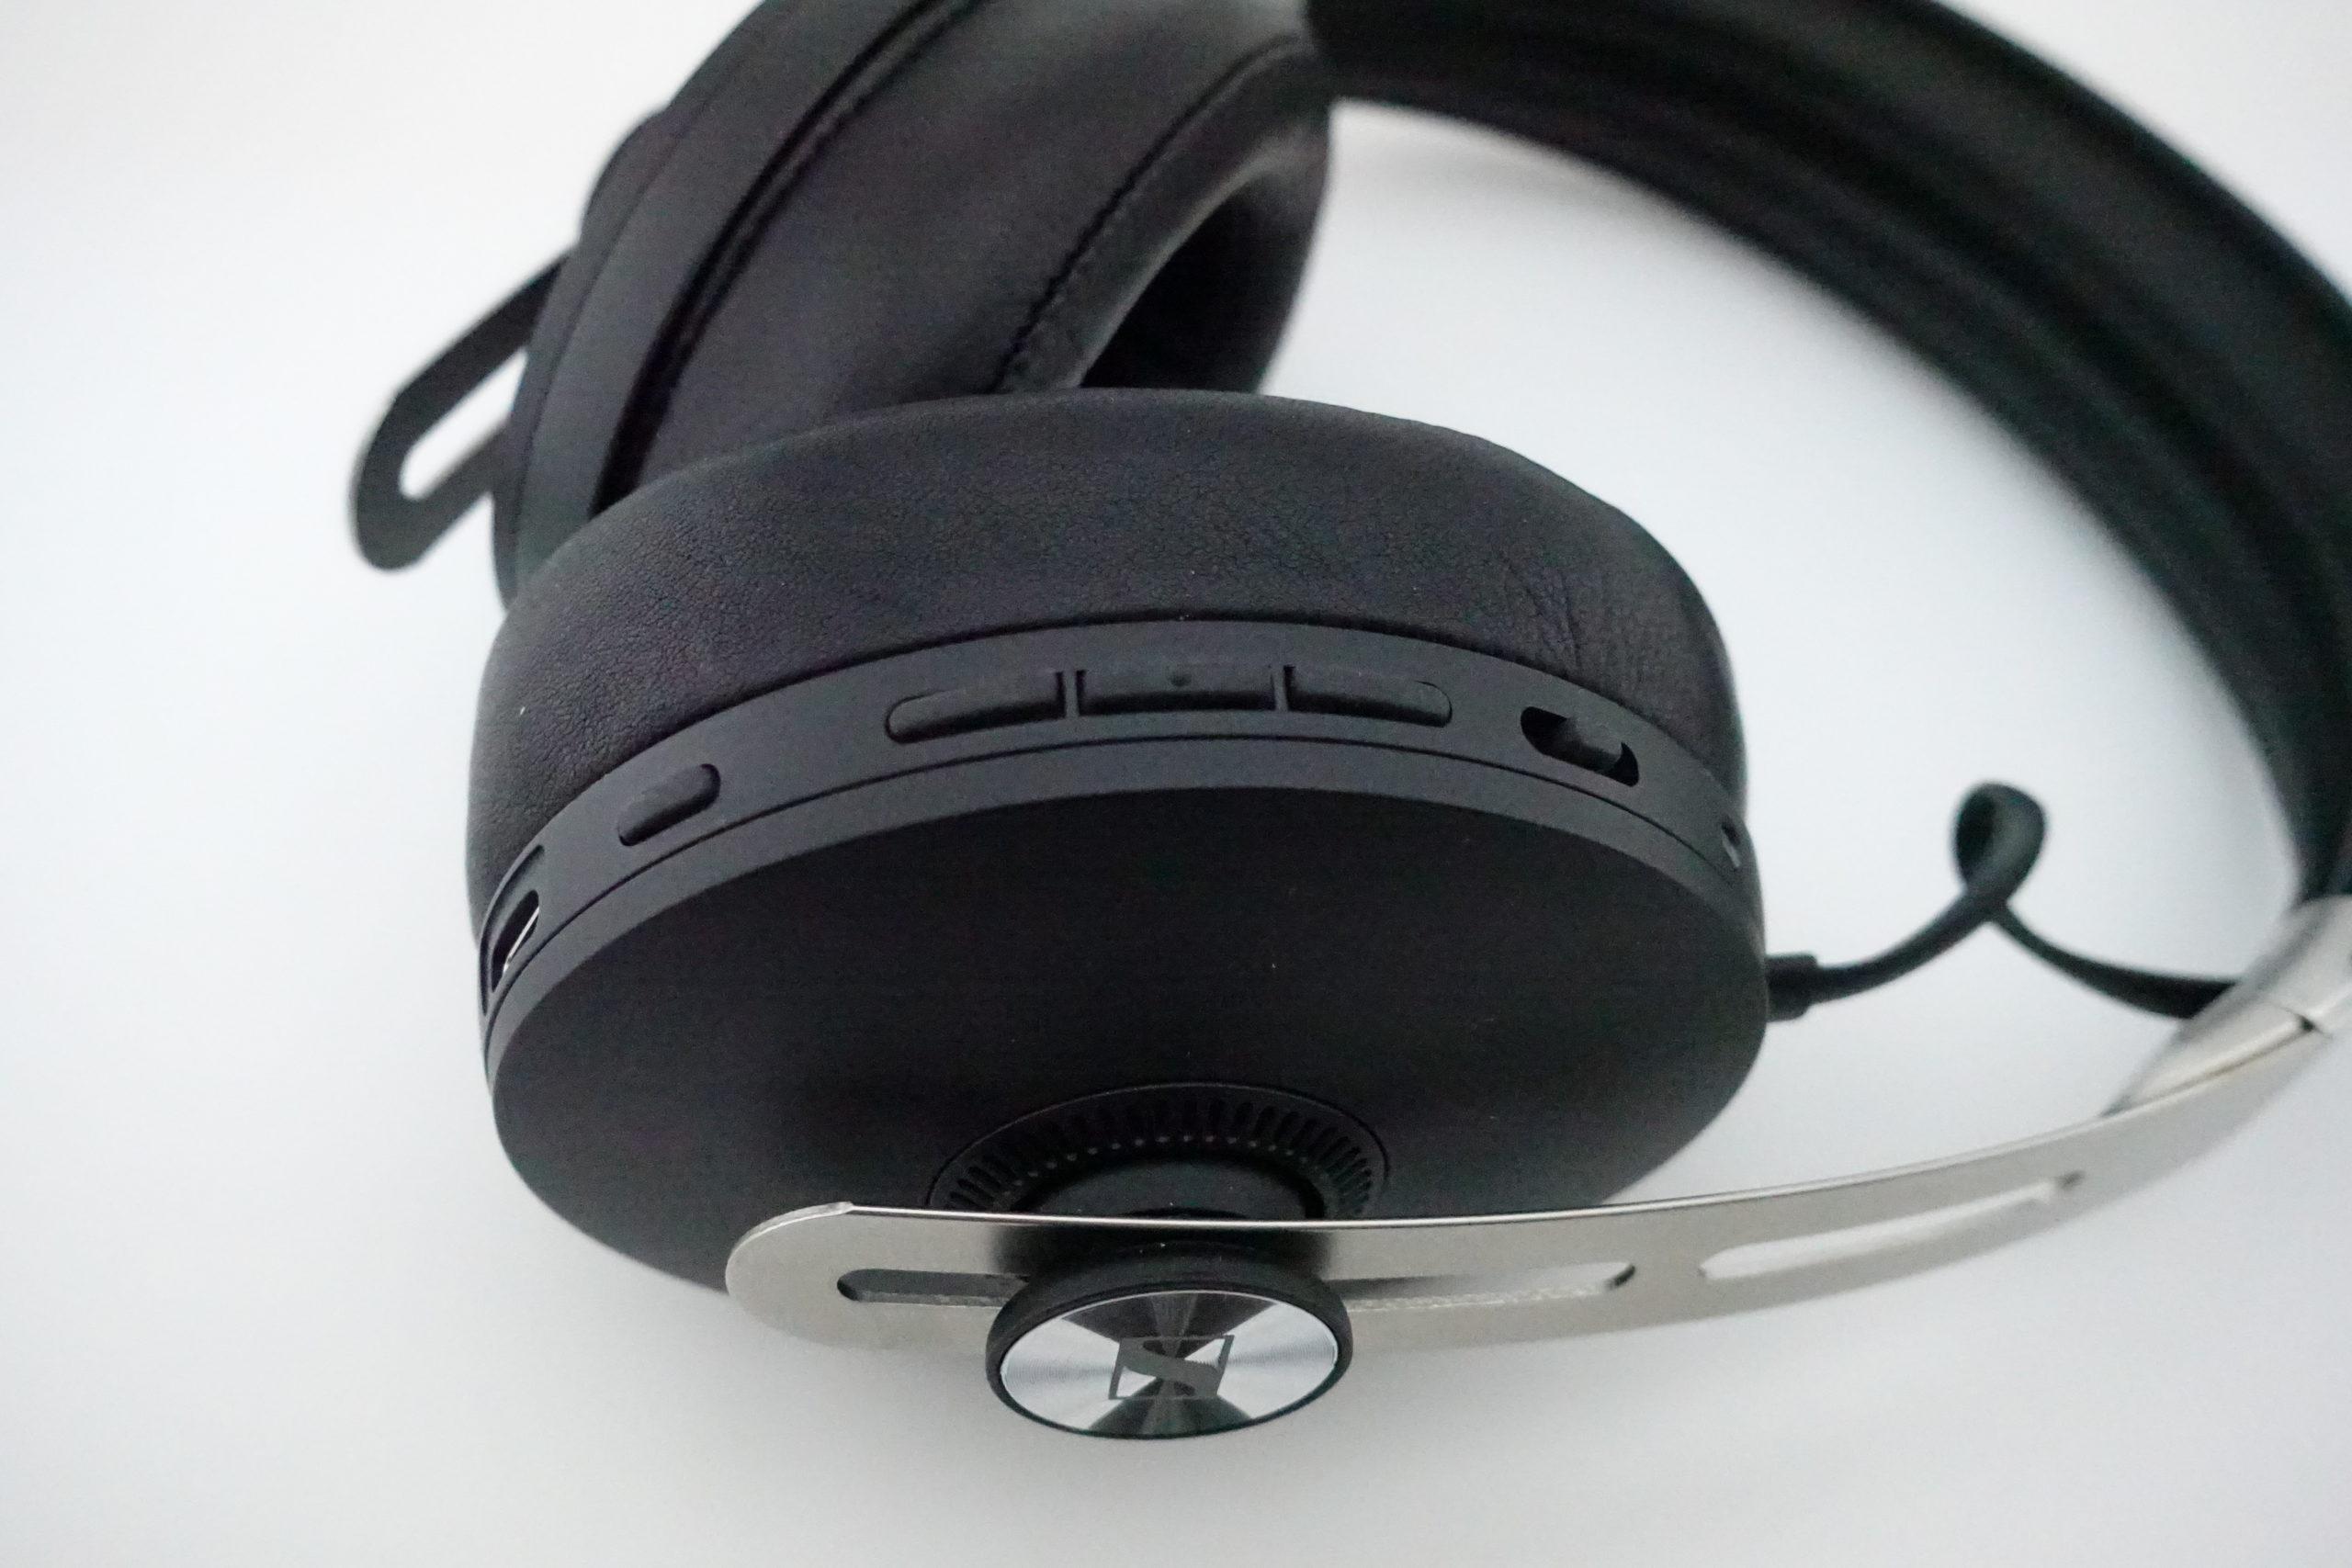 Boutons des Sennheiser MOMENTUM 3 Wireless